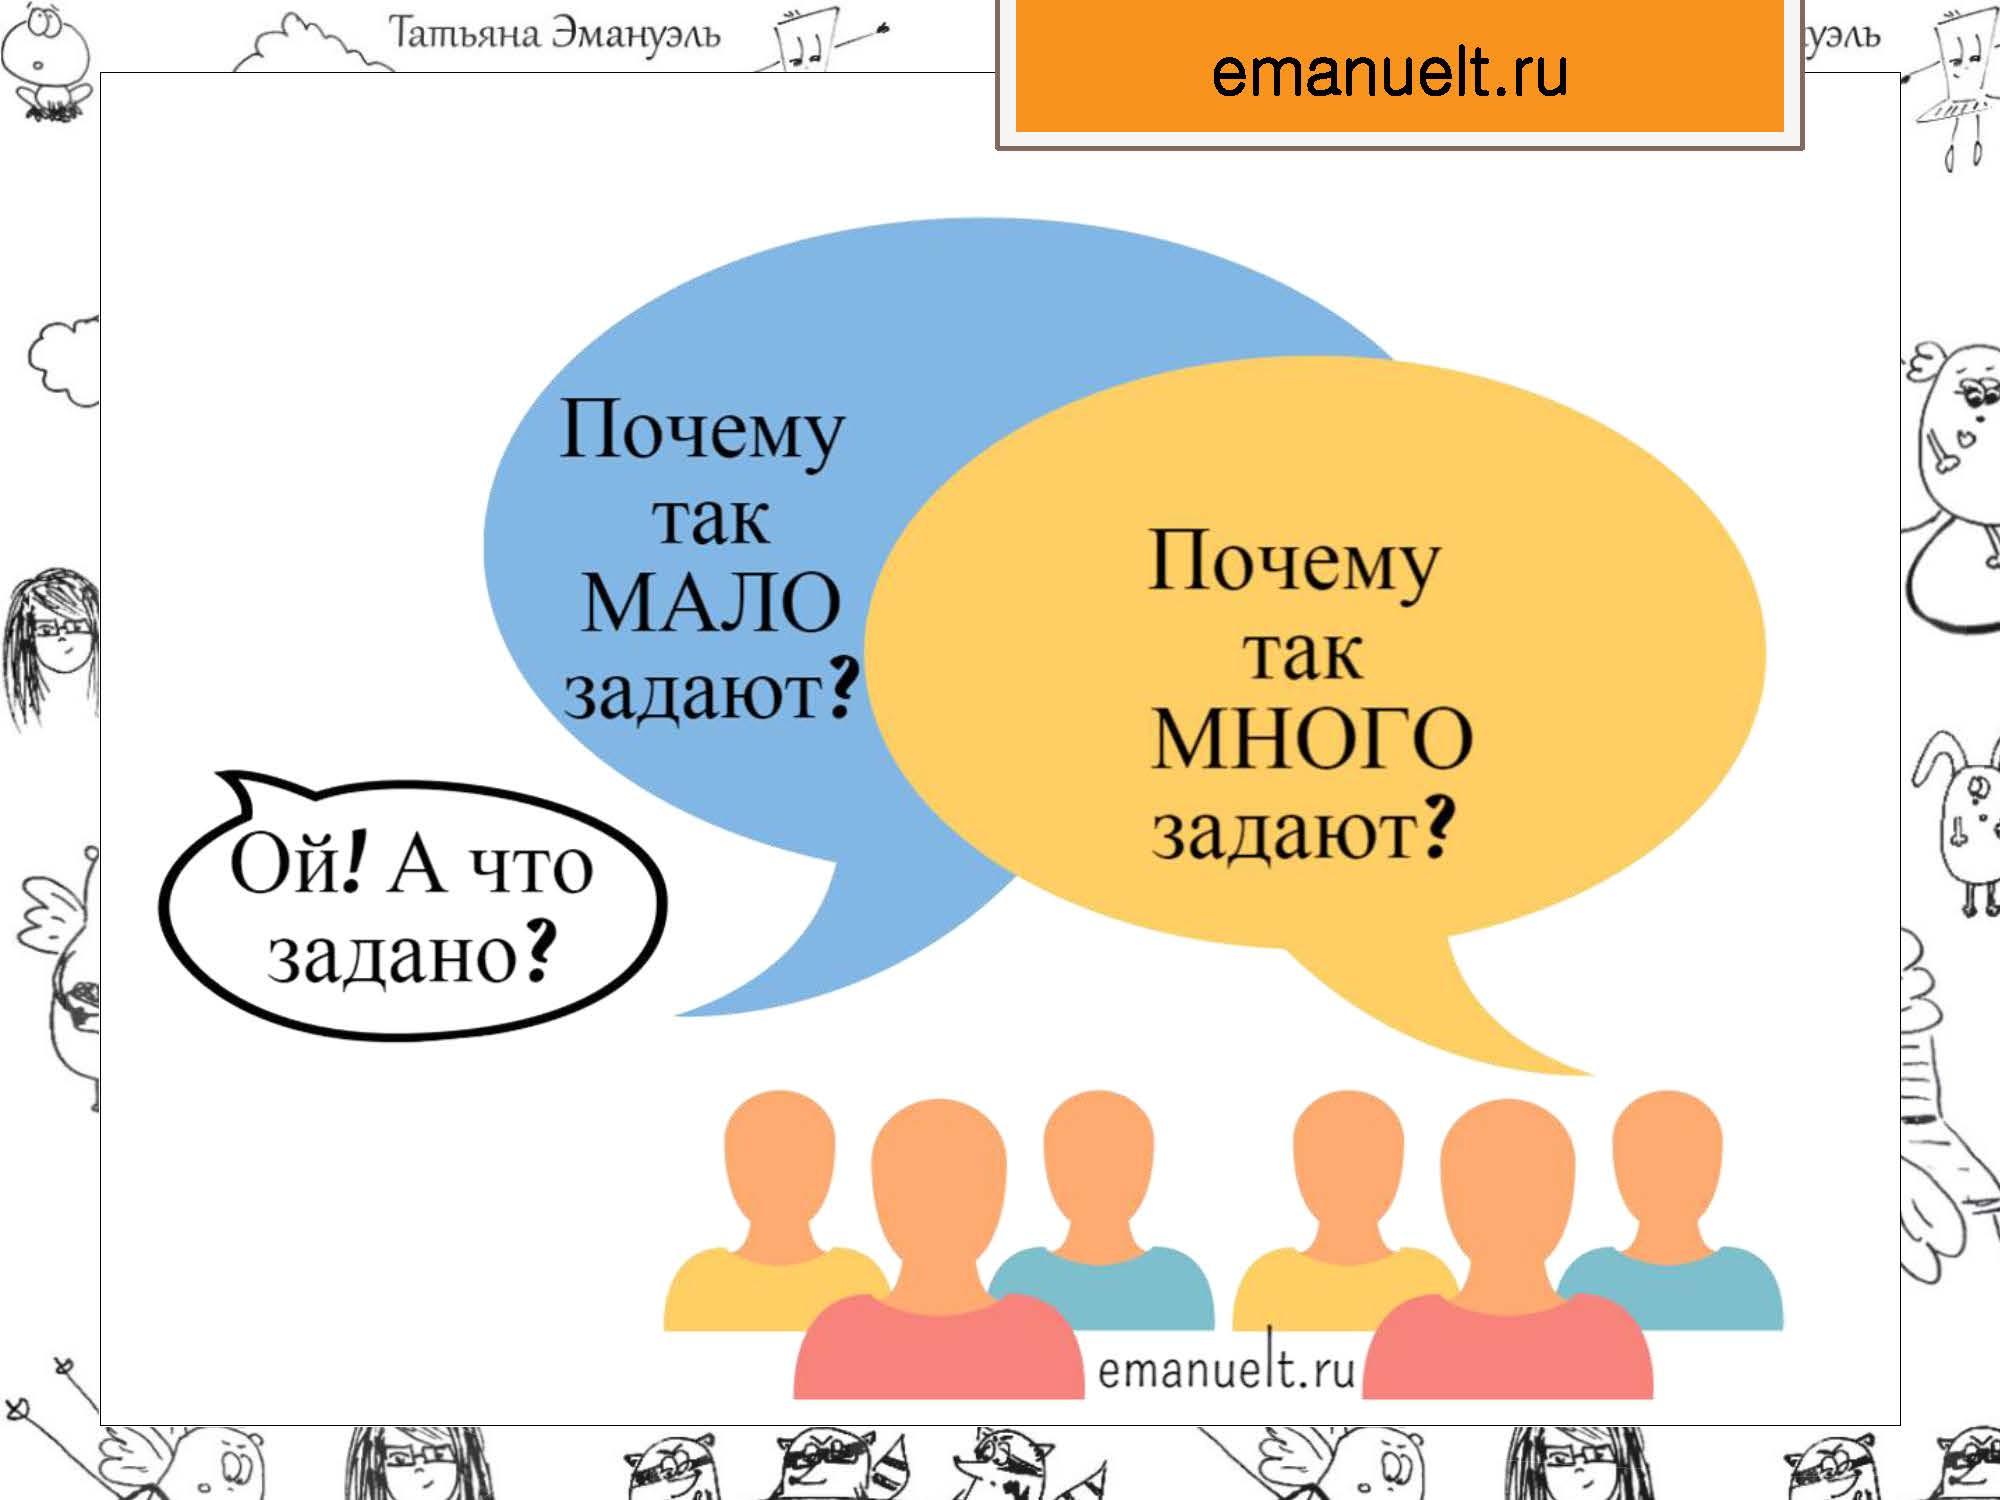 секция 8. Эмануэль Т.С., Московский район_Страница_55